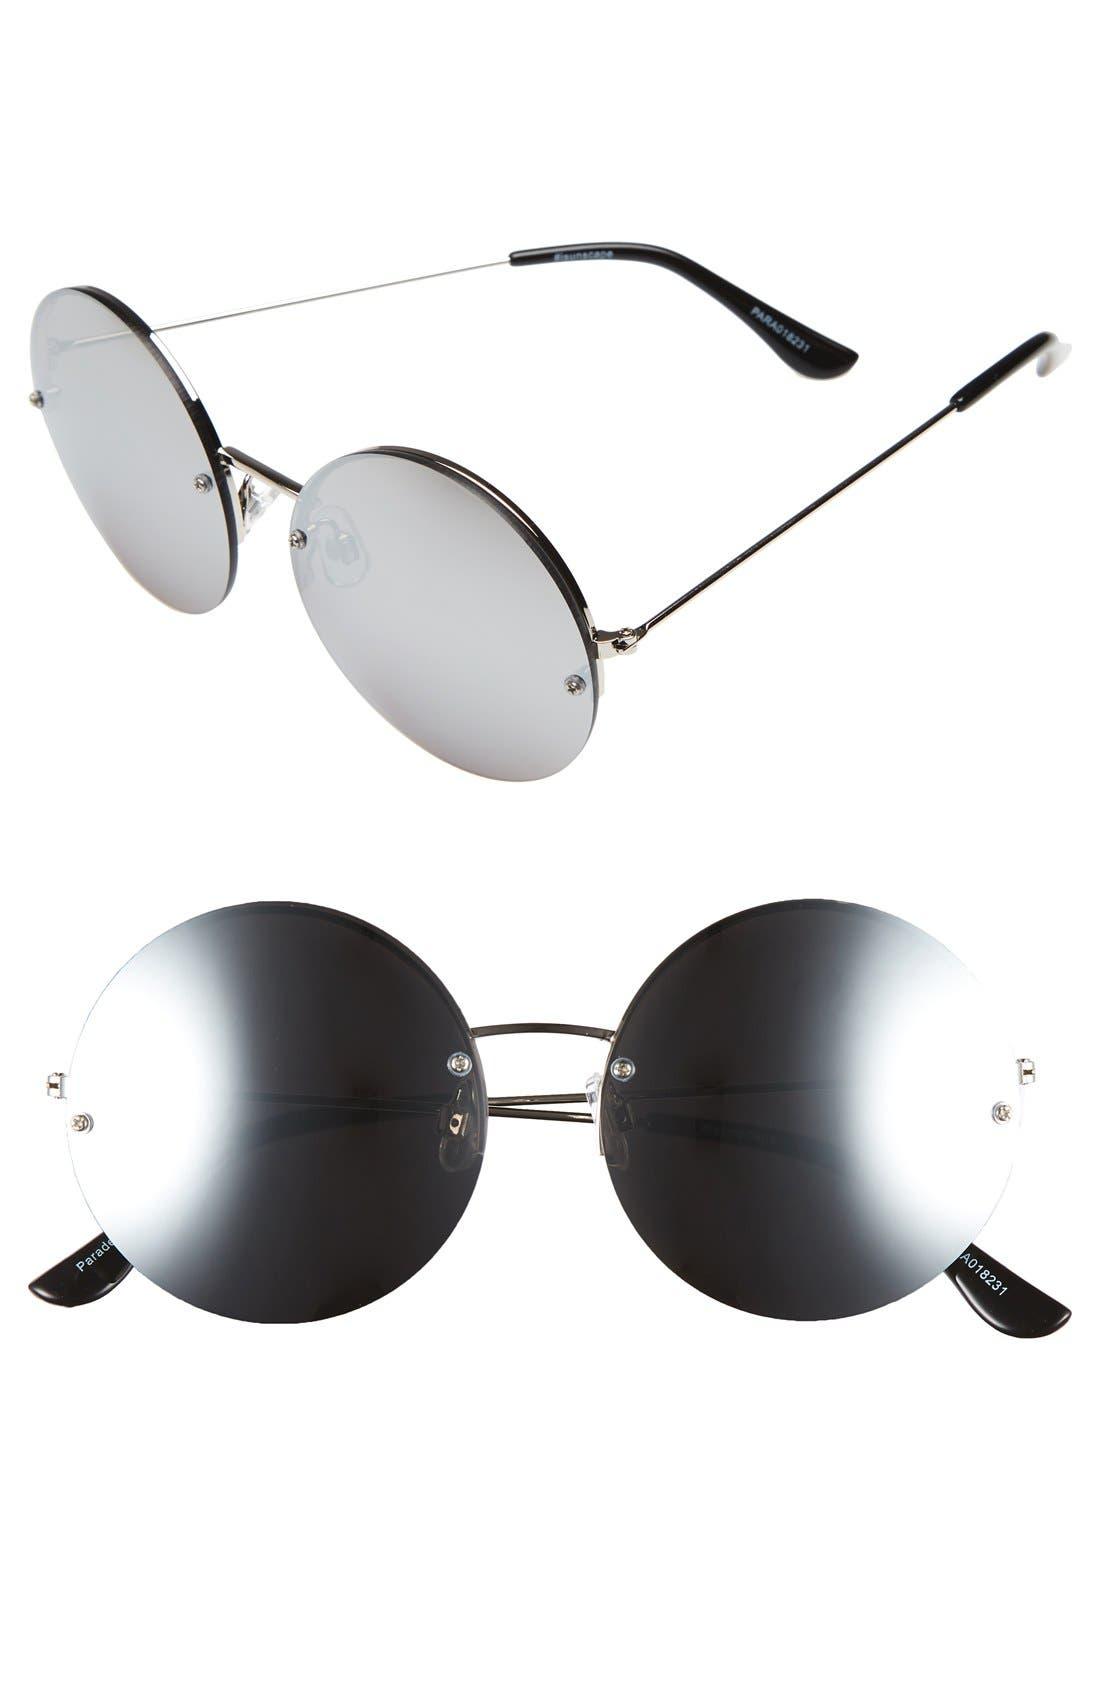 Main Image - BP. 55mm Rimless Mirrored Round Sunglasses